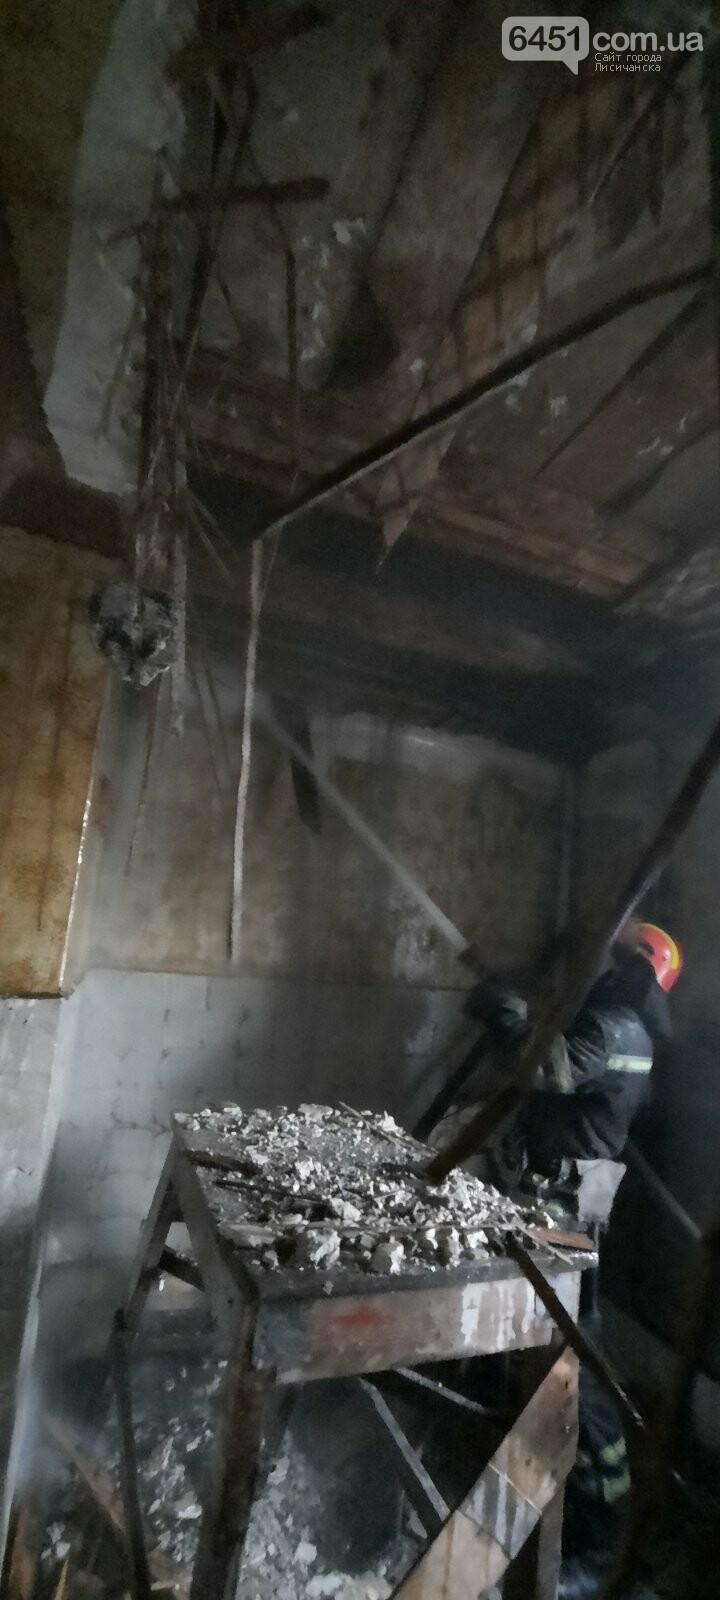 В жилых домах Лисичанска произошло два пожара, фото-1